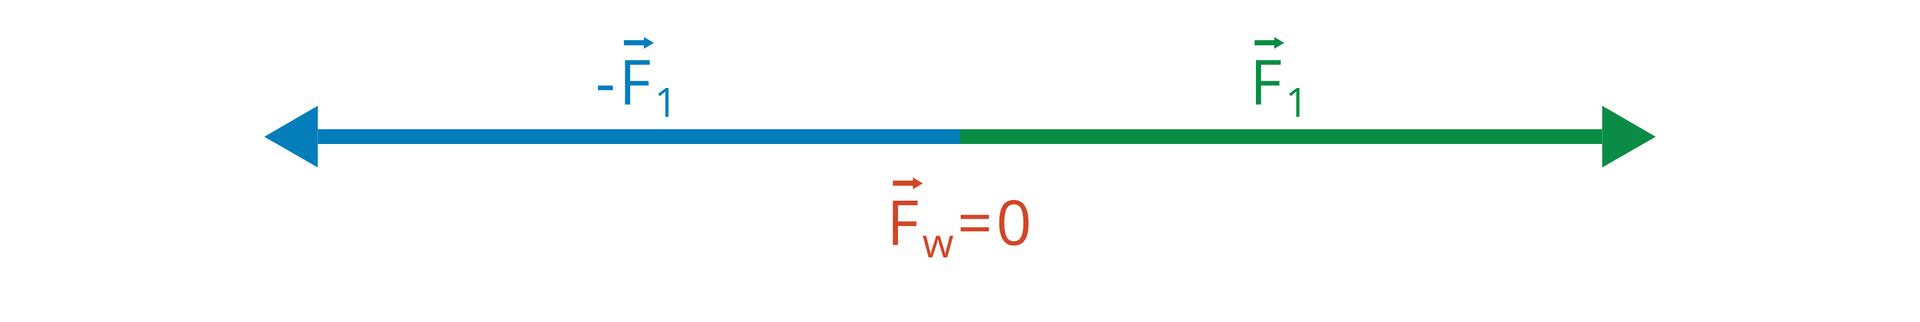 Ilustracja przedstawia schemat dodawania wektorów, które leżą na tej samej prostej, czyli mających ten sam kierunek. Gdy wektory mają przeciwne zwroty, długości odejmujemy, awynikowy wektor ma zwrot wektora dłuższego. Jeśli do wektora wyjściowego dodamy wektor do niego przeciwny, otrzymamy wektor zerowy.